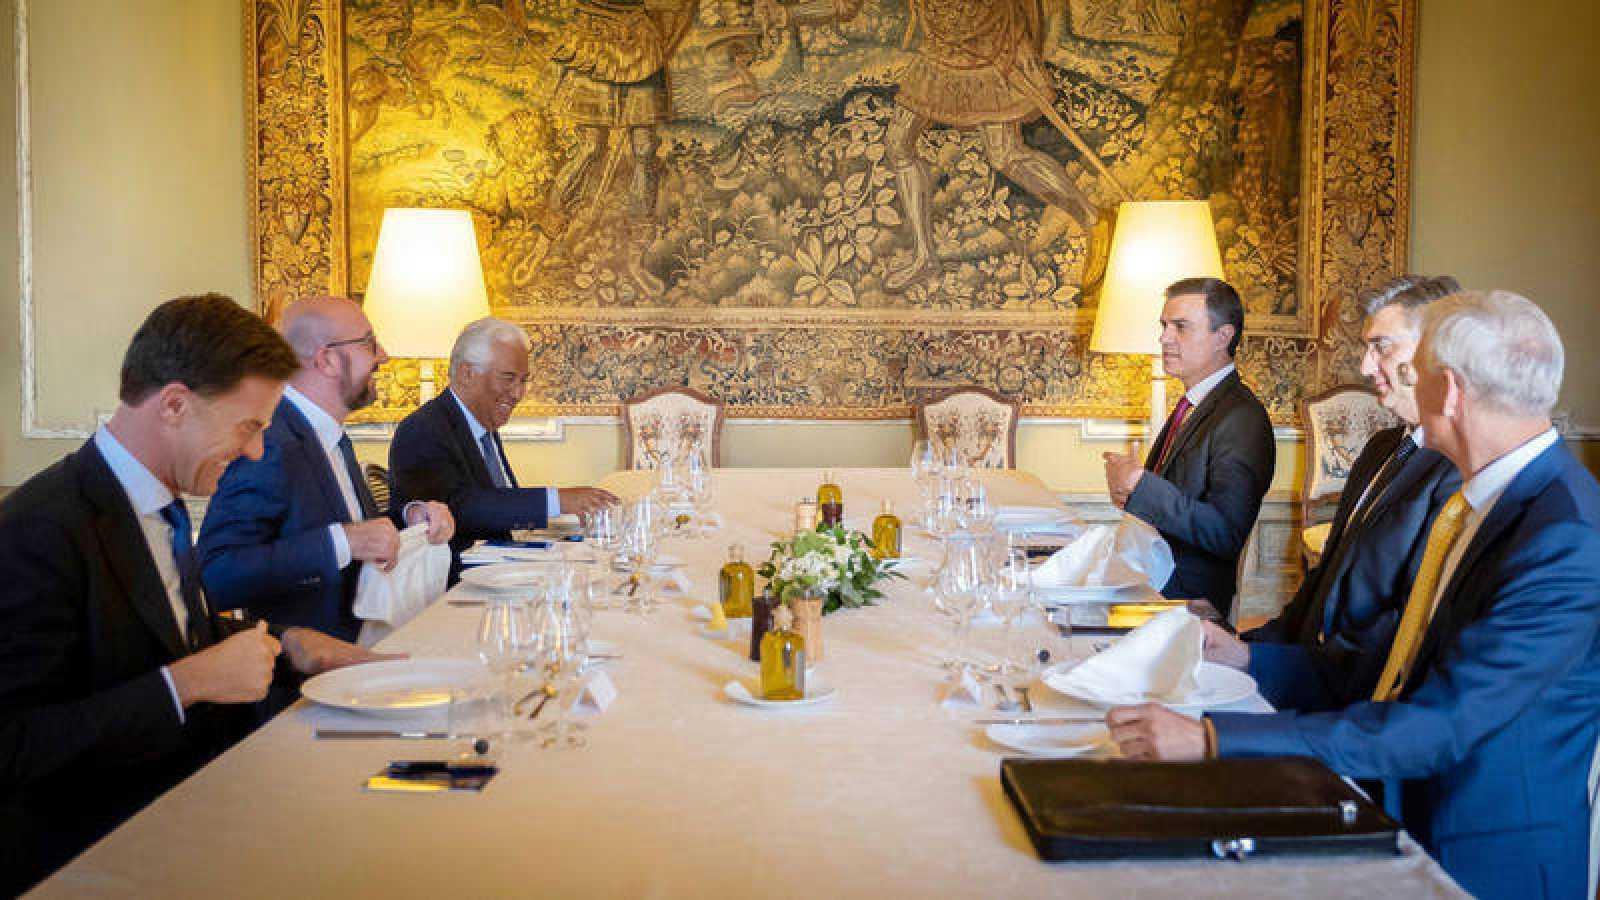 El primer ministro holandés, Mark Rutte, el primer ministro belga, Charles Michel, el primer ministro portugués, Antonio Costa, el presidente del Gobierno español Pedro Sánchez, el croata Andrej Plenkovic y el letón Arturs Karins, en Bruselas